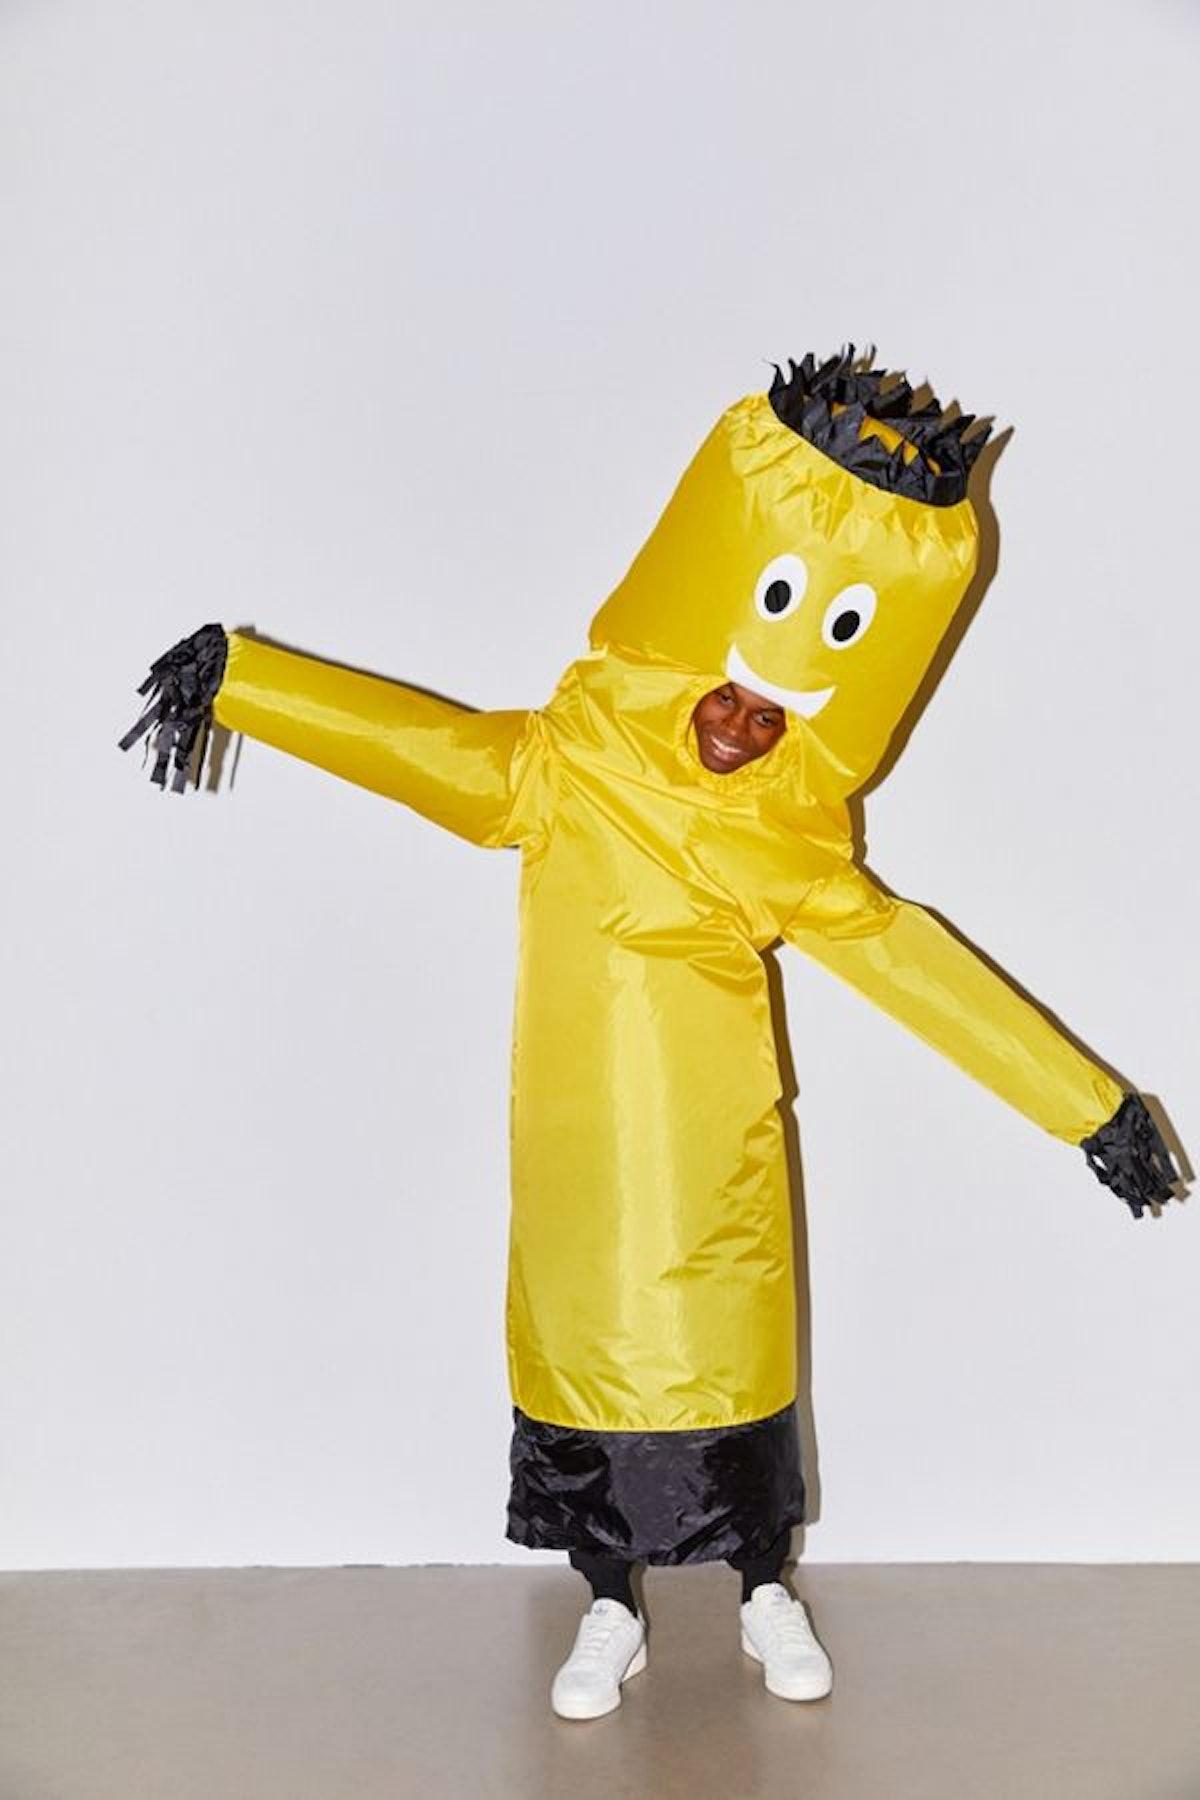 Wacky Wavy Tube Guy Costume